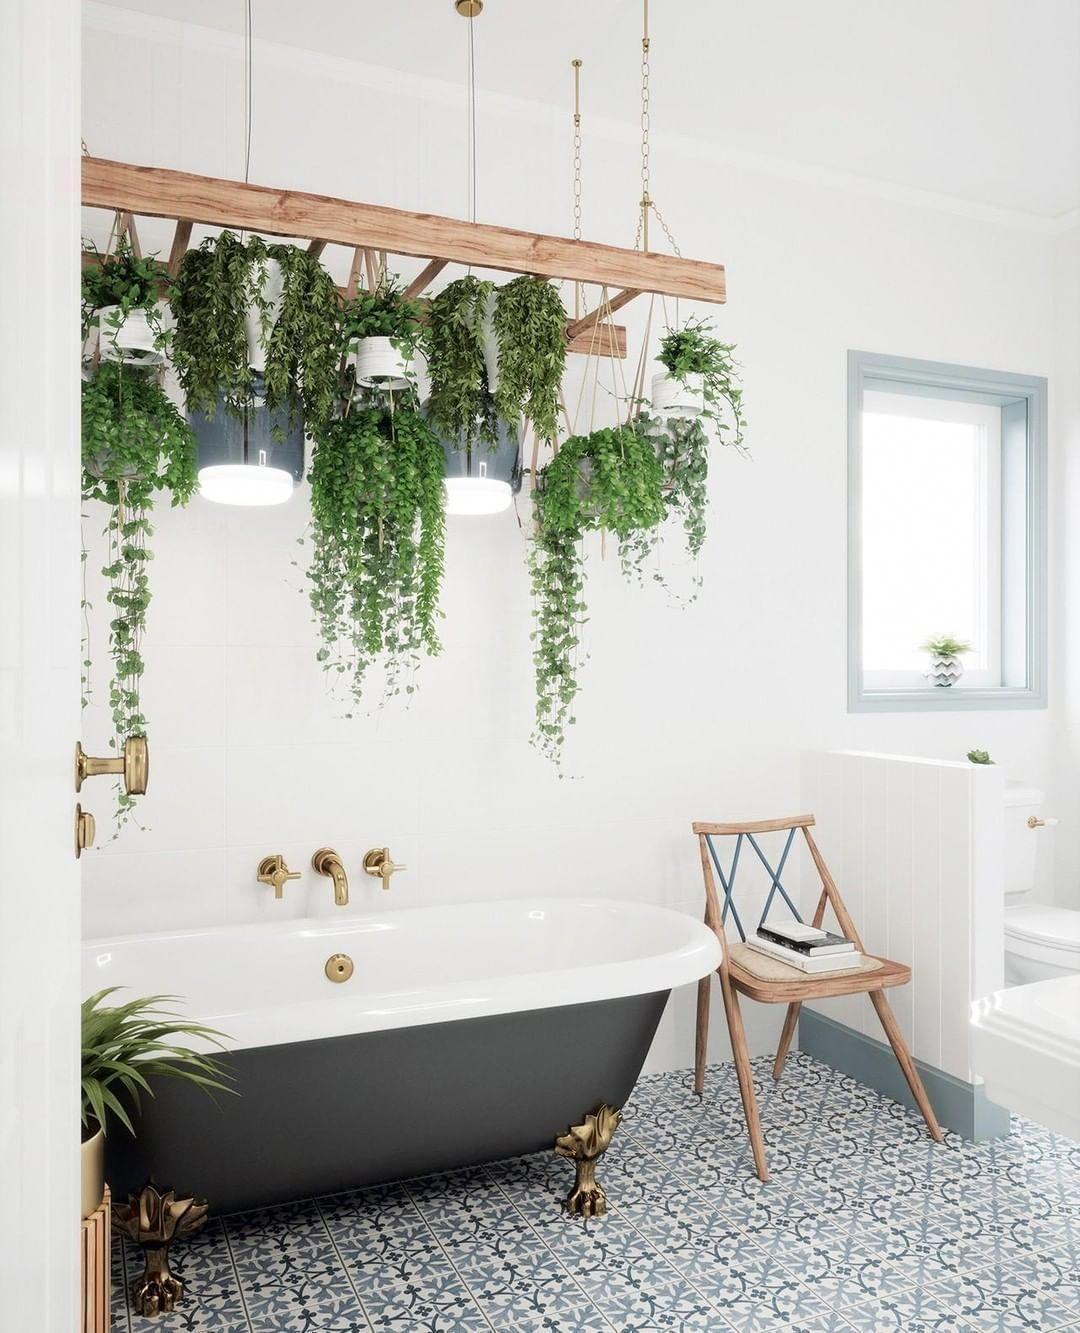 Das Bild kann Folgendes enthalten Tisch  und Innenbadpflanzen in ...